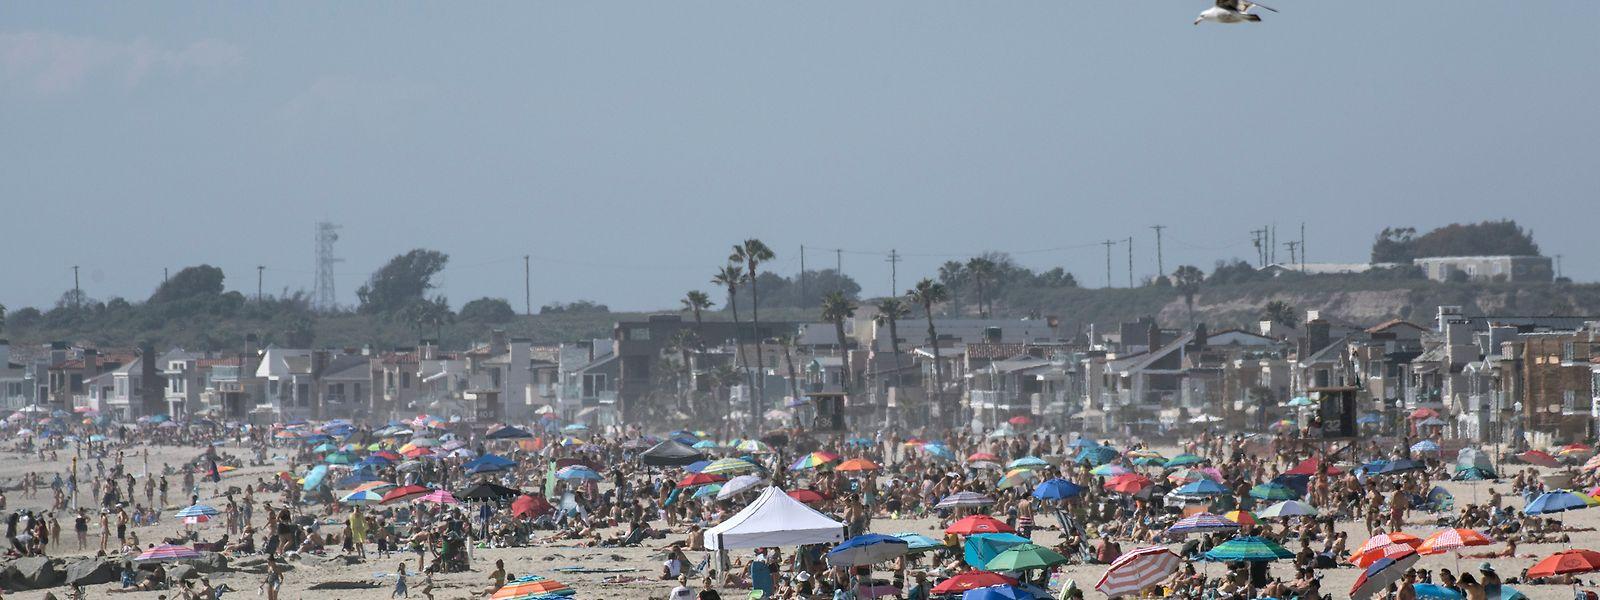 USA, Newport Beach: Die Menschen versammeln sich trotz Ausgangsbeschränkungen während der Coronavirus-Pandemie am Strand. Daher wurden diese nun wieder geschlossen.